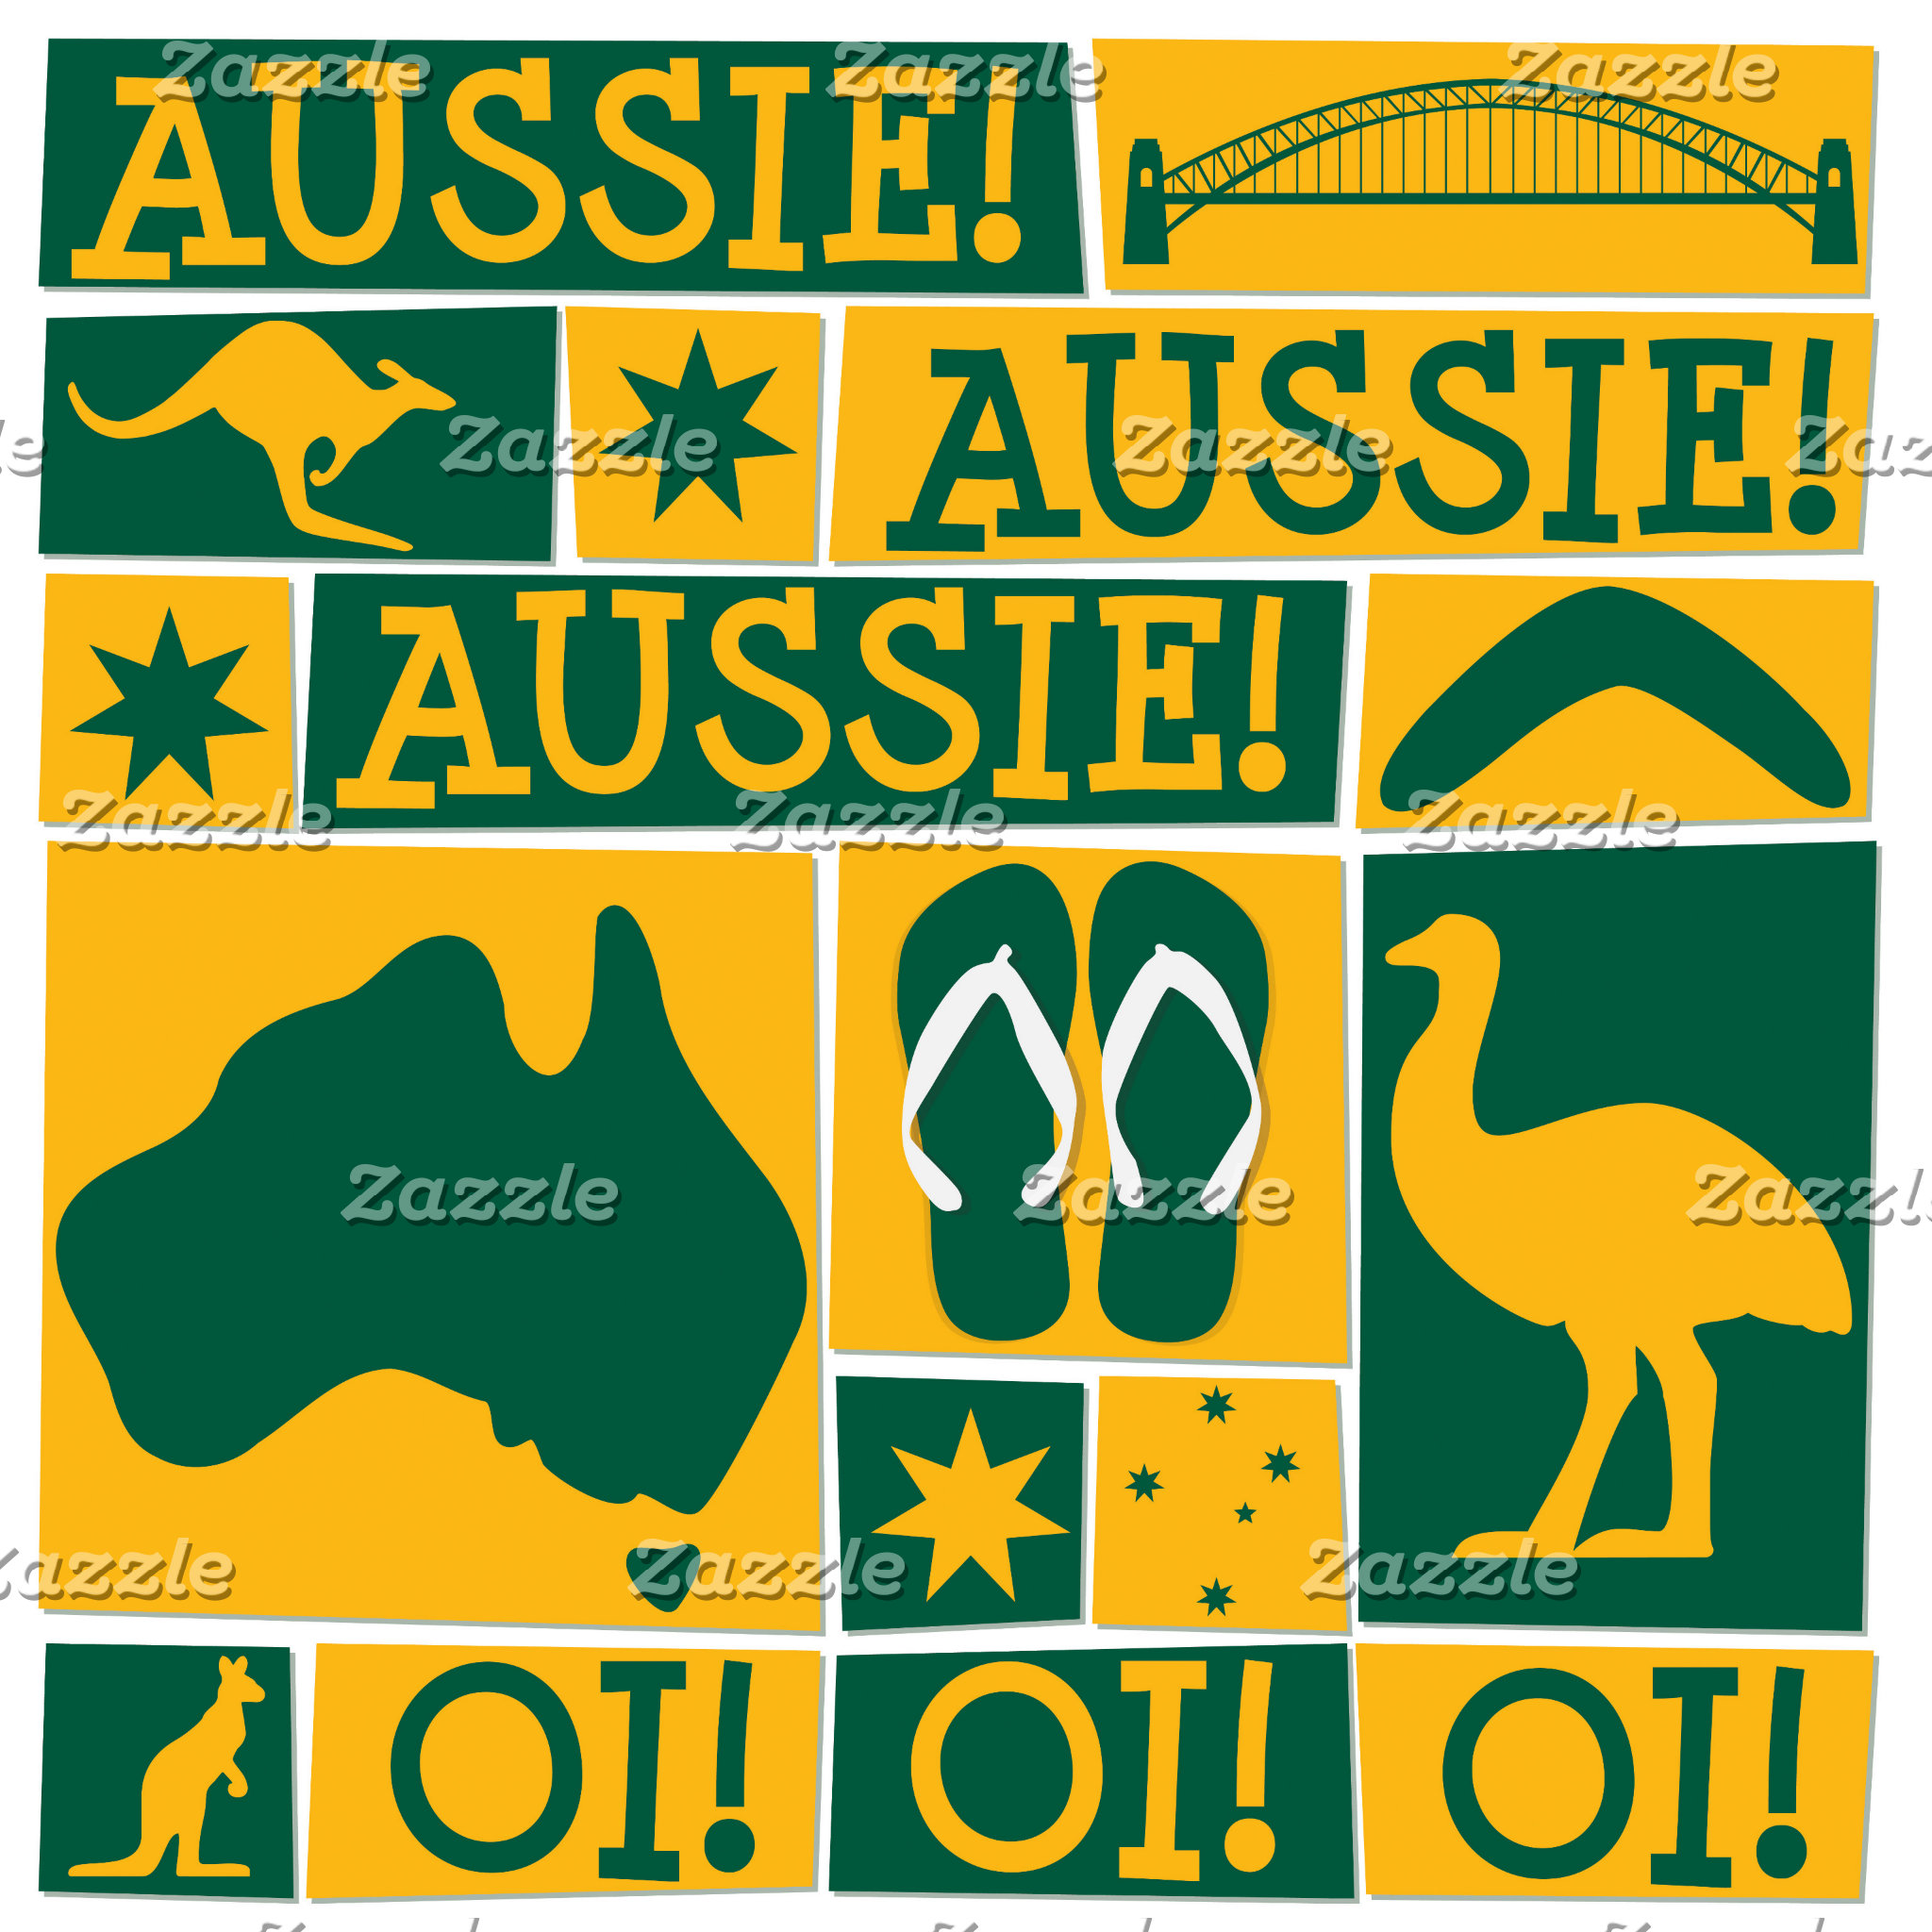 Australia Day